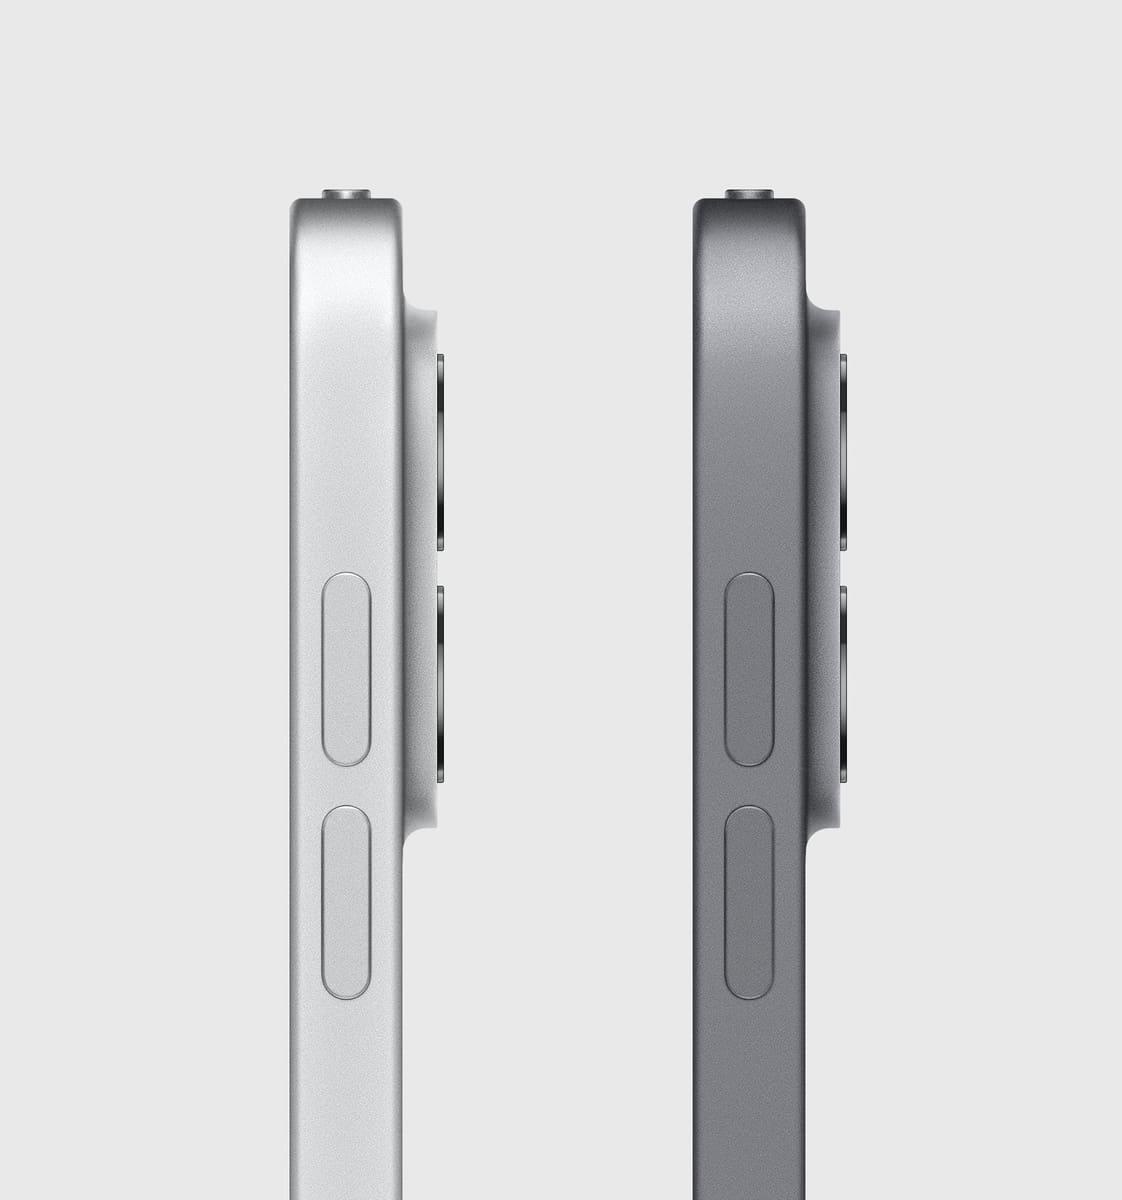 Apple iPad Pro 11 и 12.9 2020 модельного года – что изменилось?